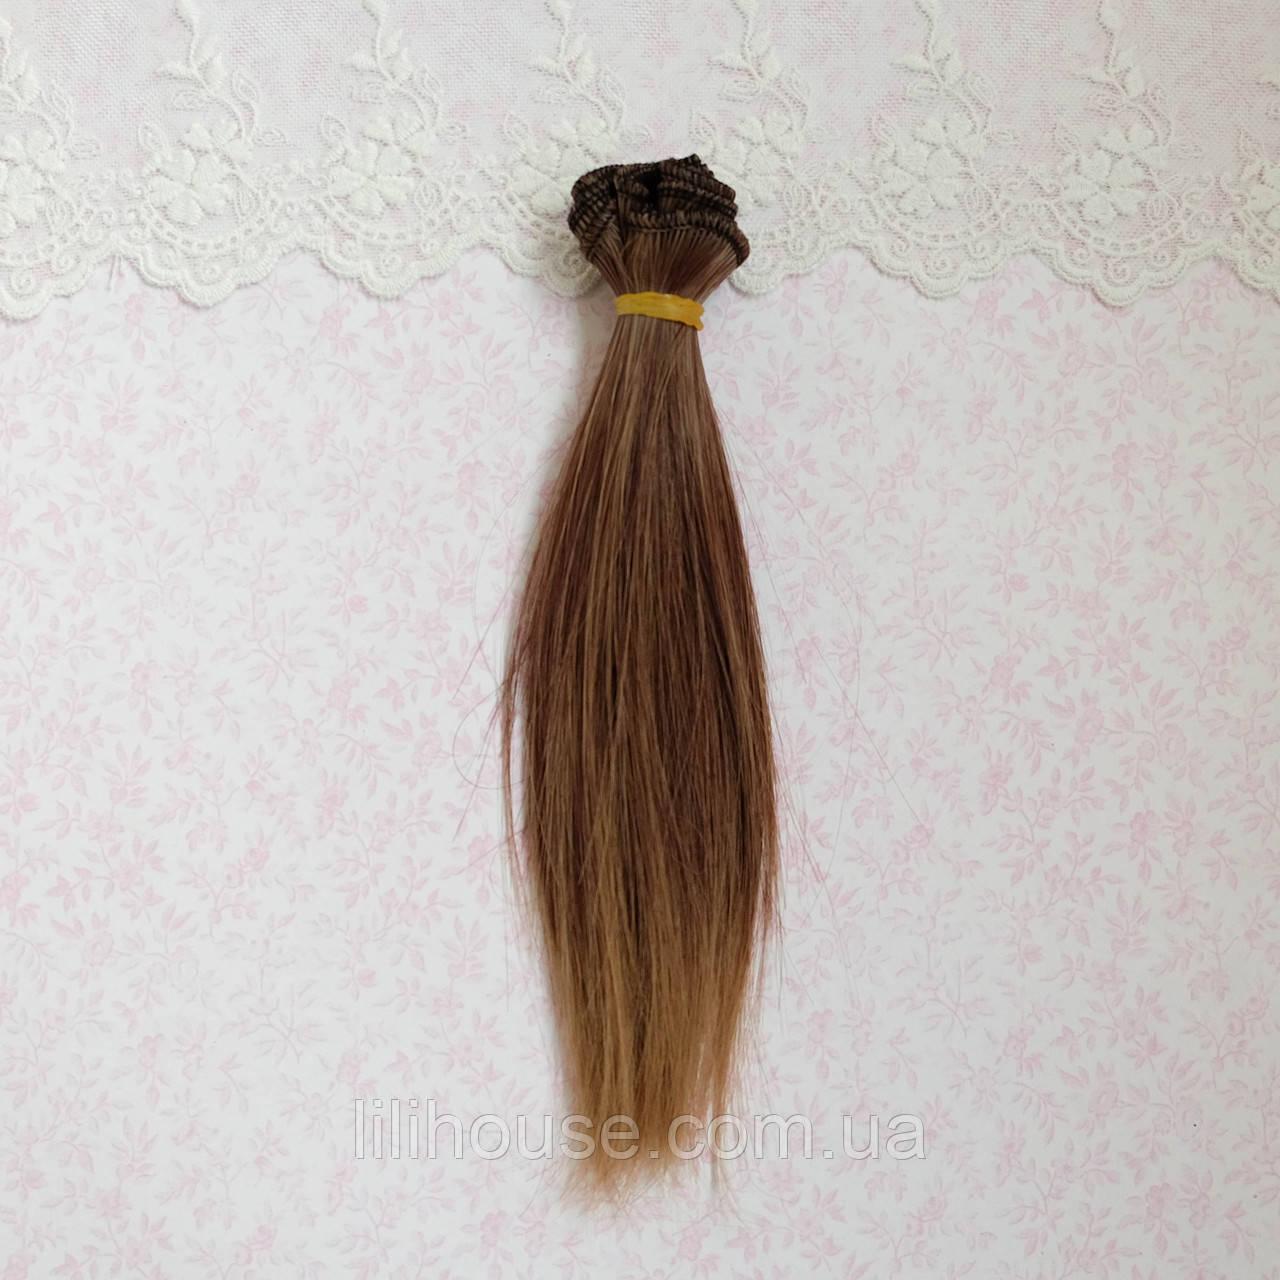 Волосы для Кукол Трессы Прямые Омбре КАШТАН и РУСЫЙ 25 см